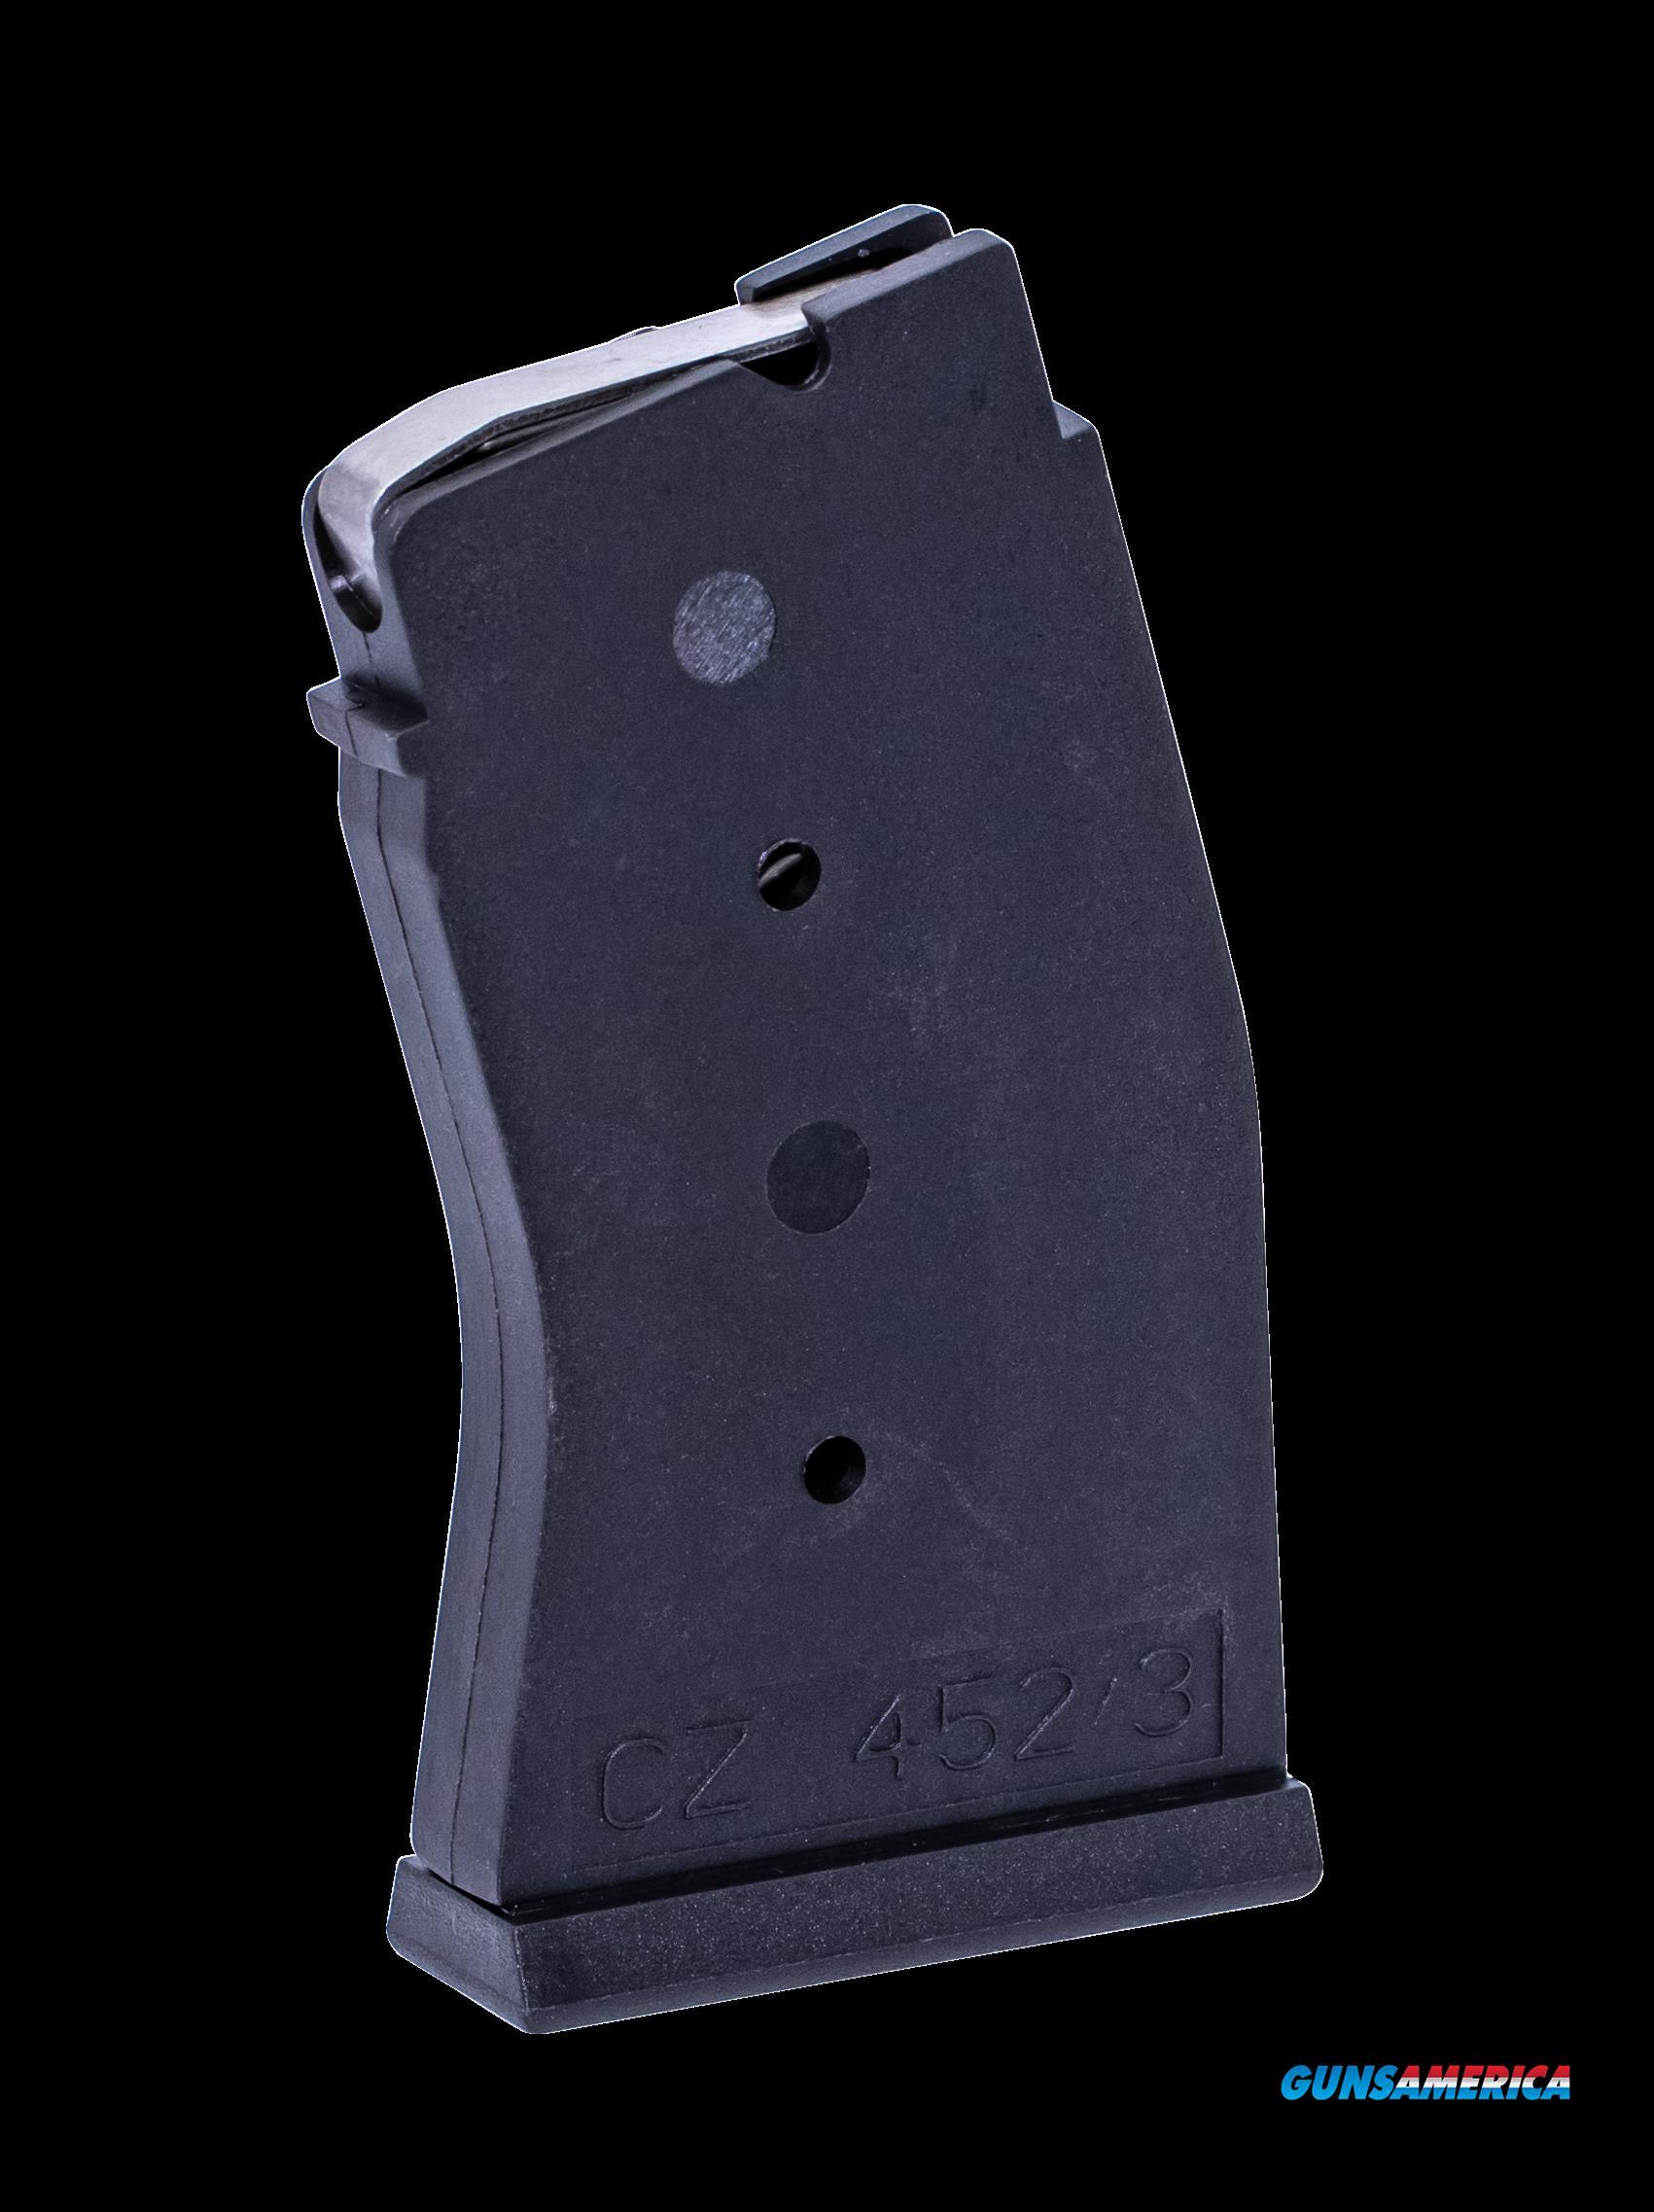 Cz Cz 452-453, Cz 12012 Mag Cz452-453     22wmr   10rd Poly  Guns > Pistols > 1911 Pistol Copies (non-Colt)